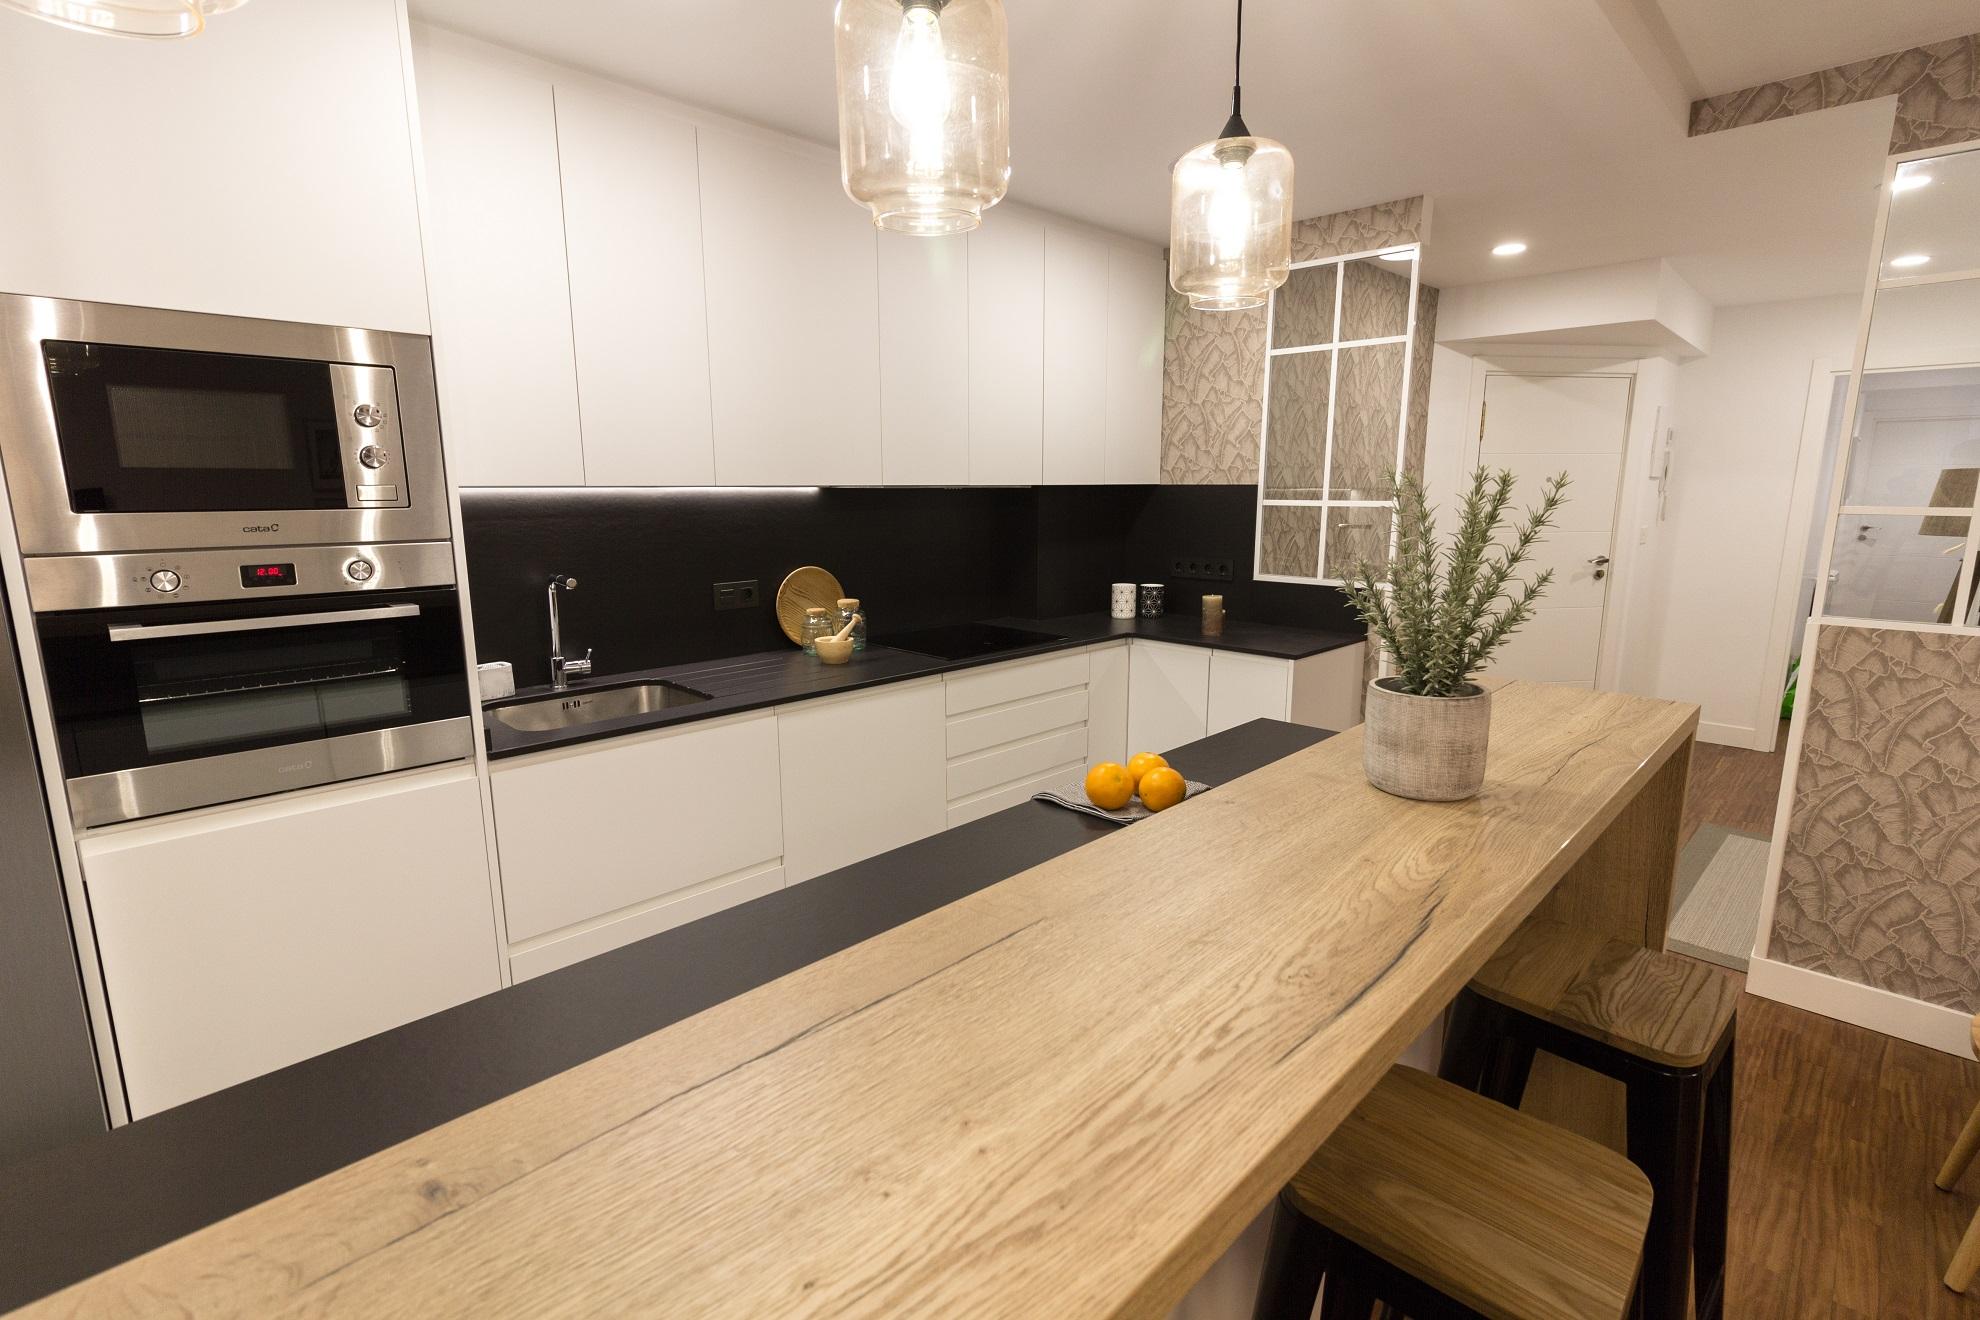 Cocina Hamaika con mobiliario